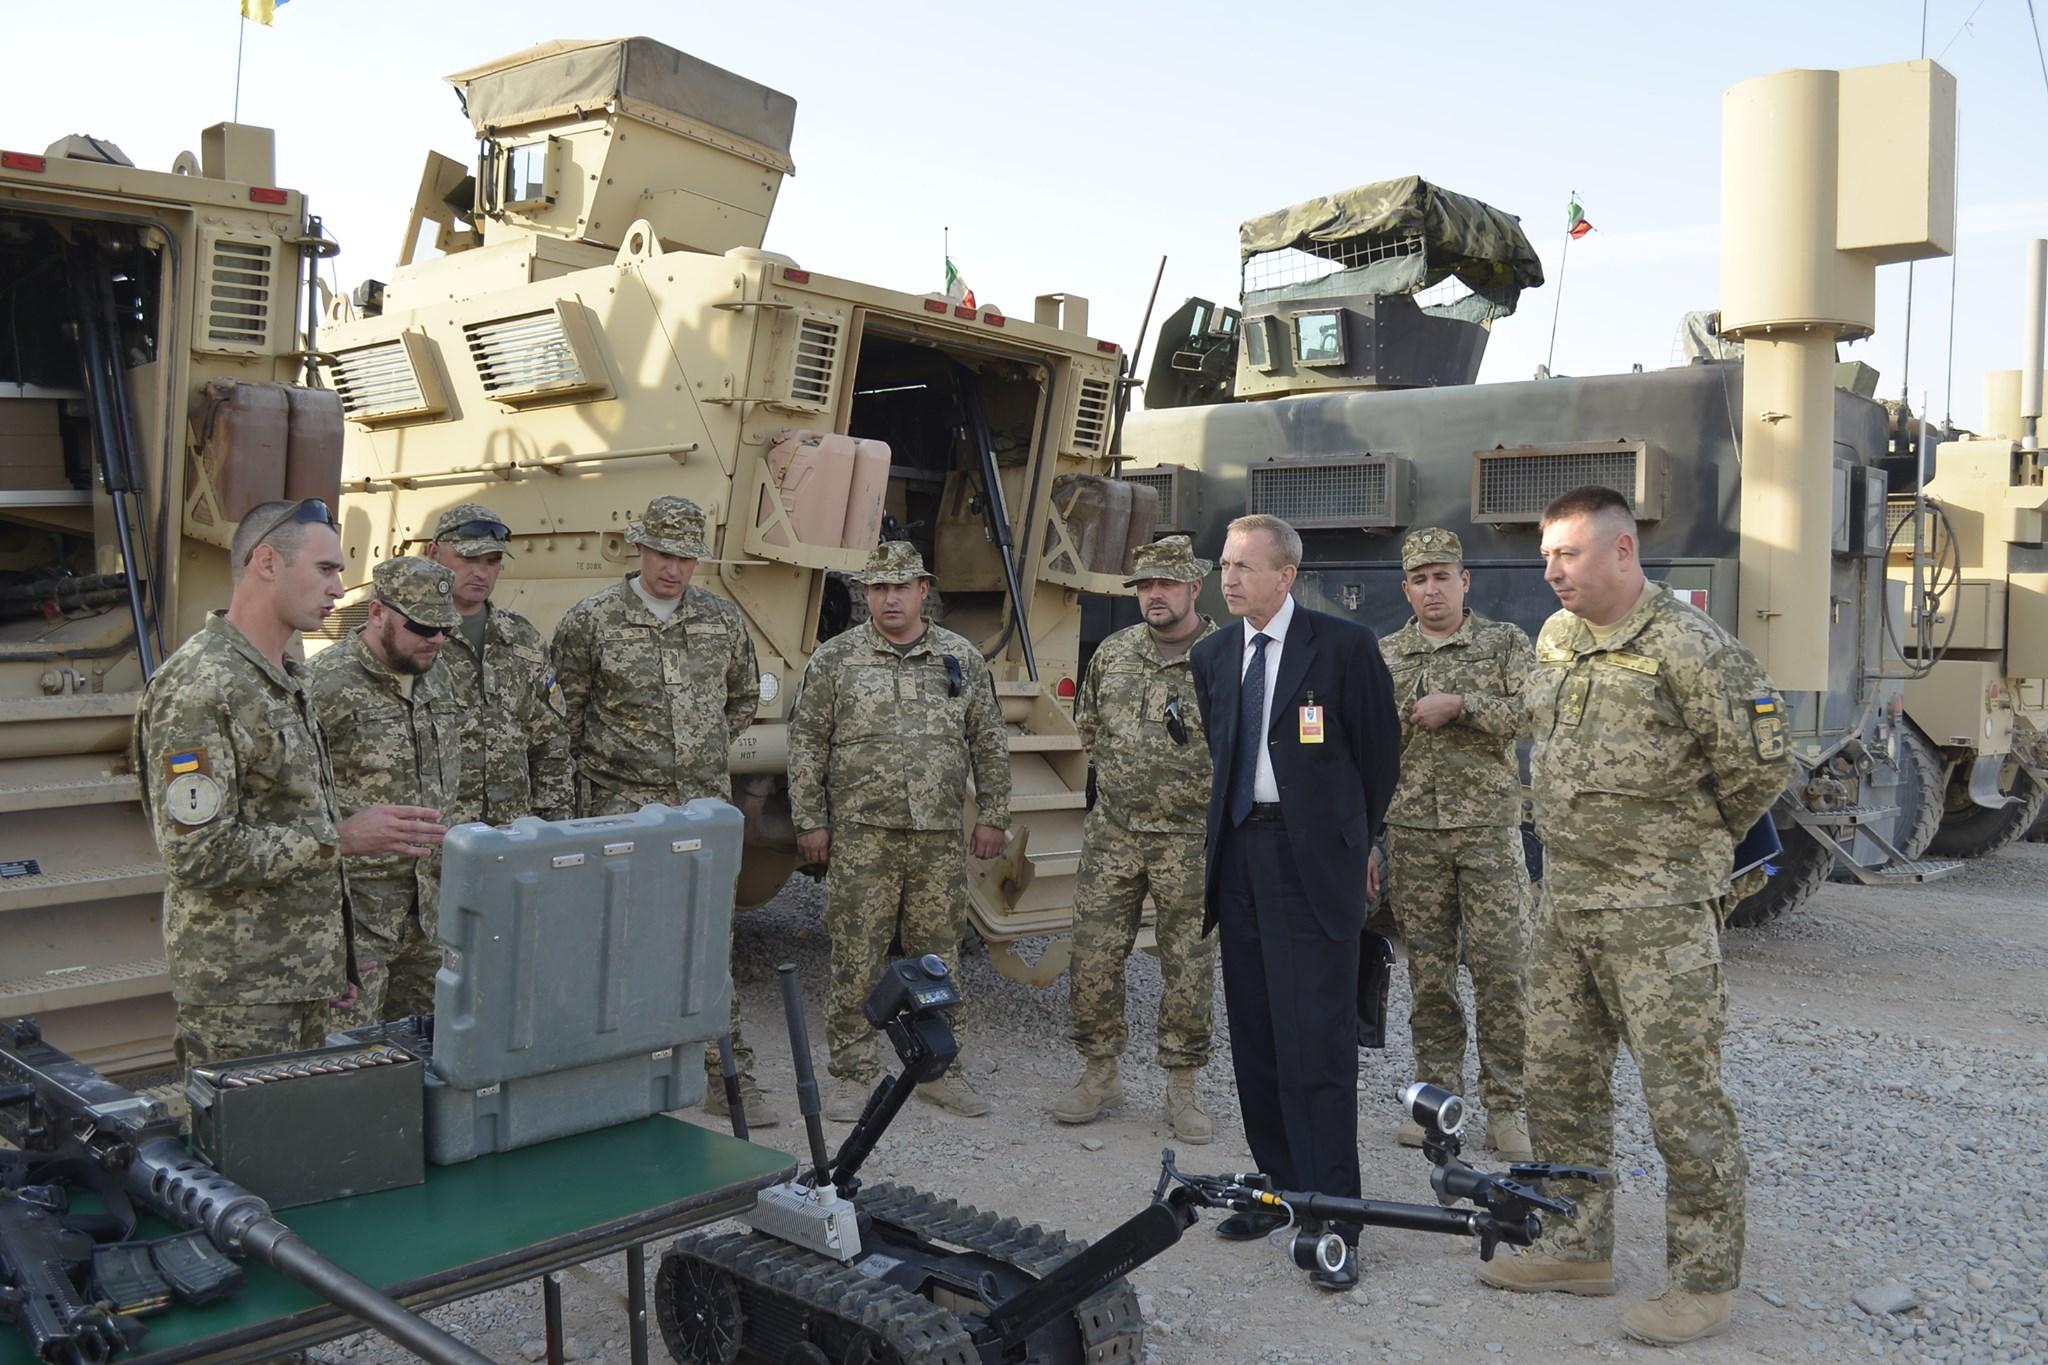 Через 14 років. Україна повністю вивела військовий контингент з Афганістану – фото